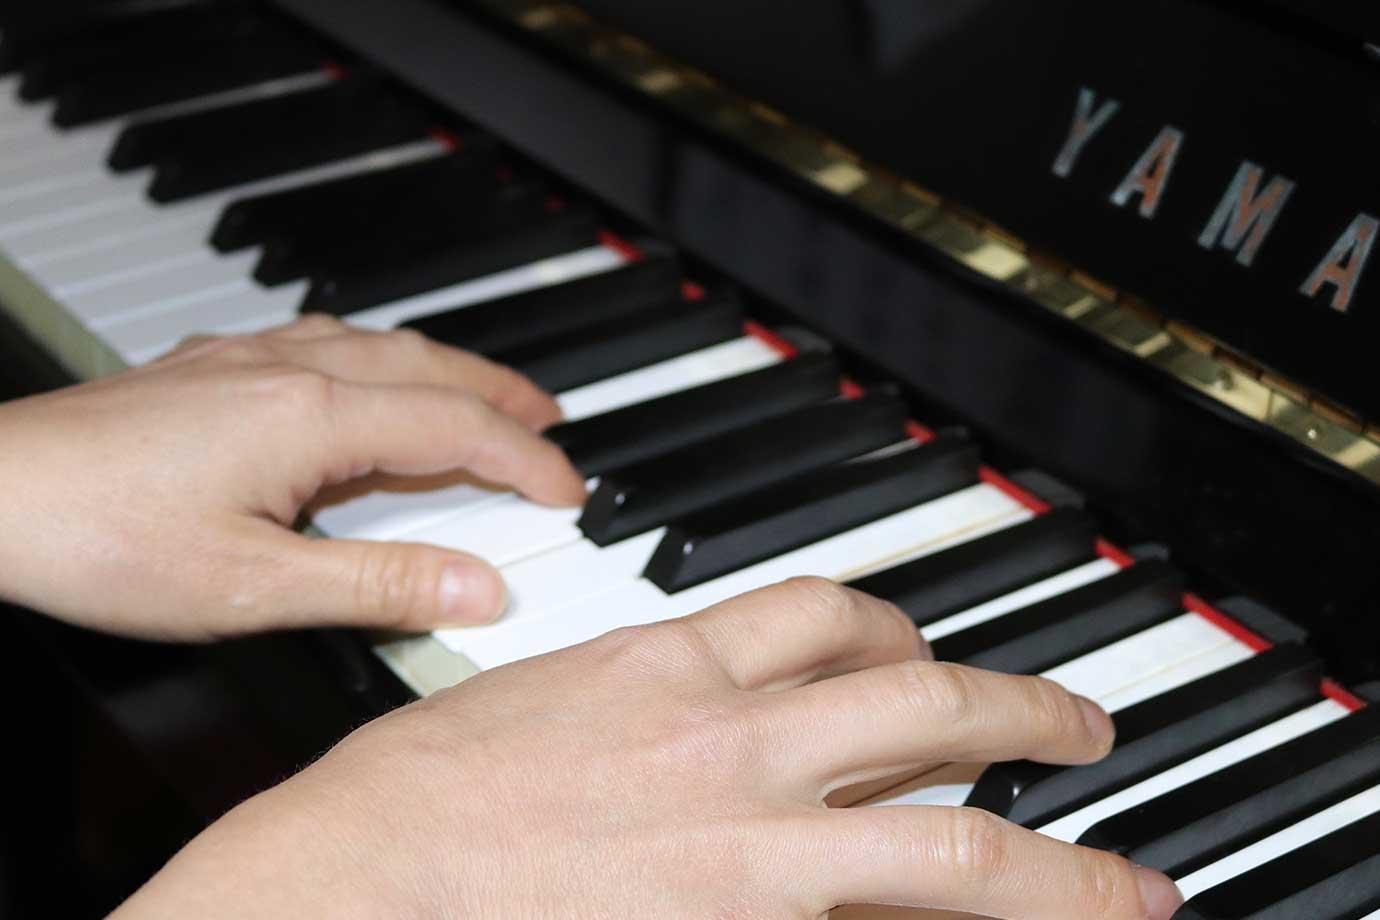 思い切りピアノを弾いてストレス解消